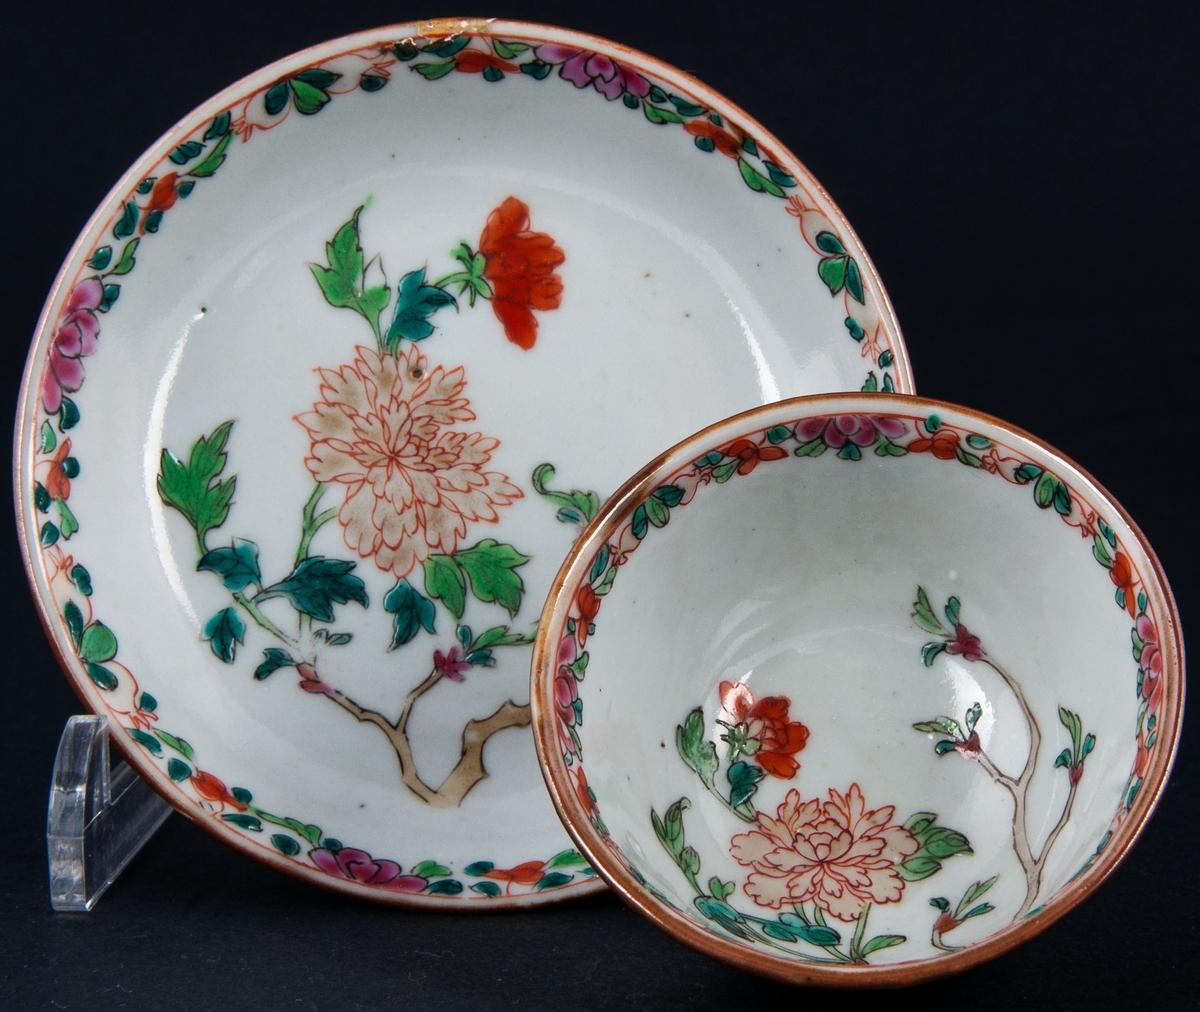 Kopp och fat, 2 par, ostindiskt porslin. Polykrom dekor. Brun glasyr på utsidan. inuti blommor och bård, delvis emaljfärg i blått, rött, grönt, brunt och guld. Utan fabrikationsmärke, kompaniporslin.